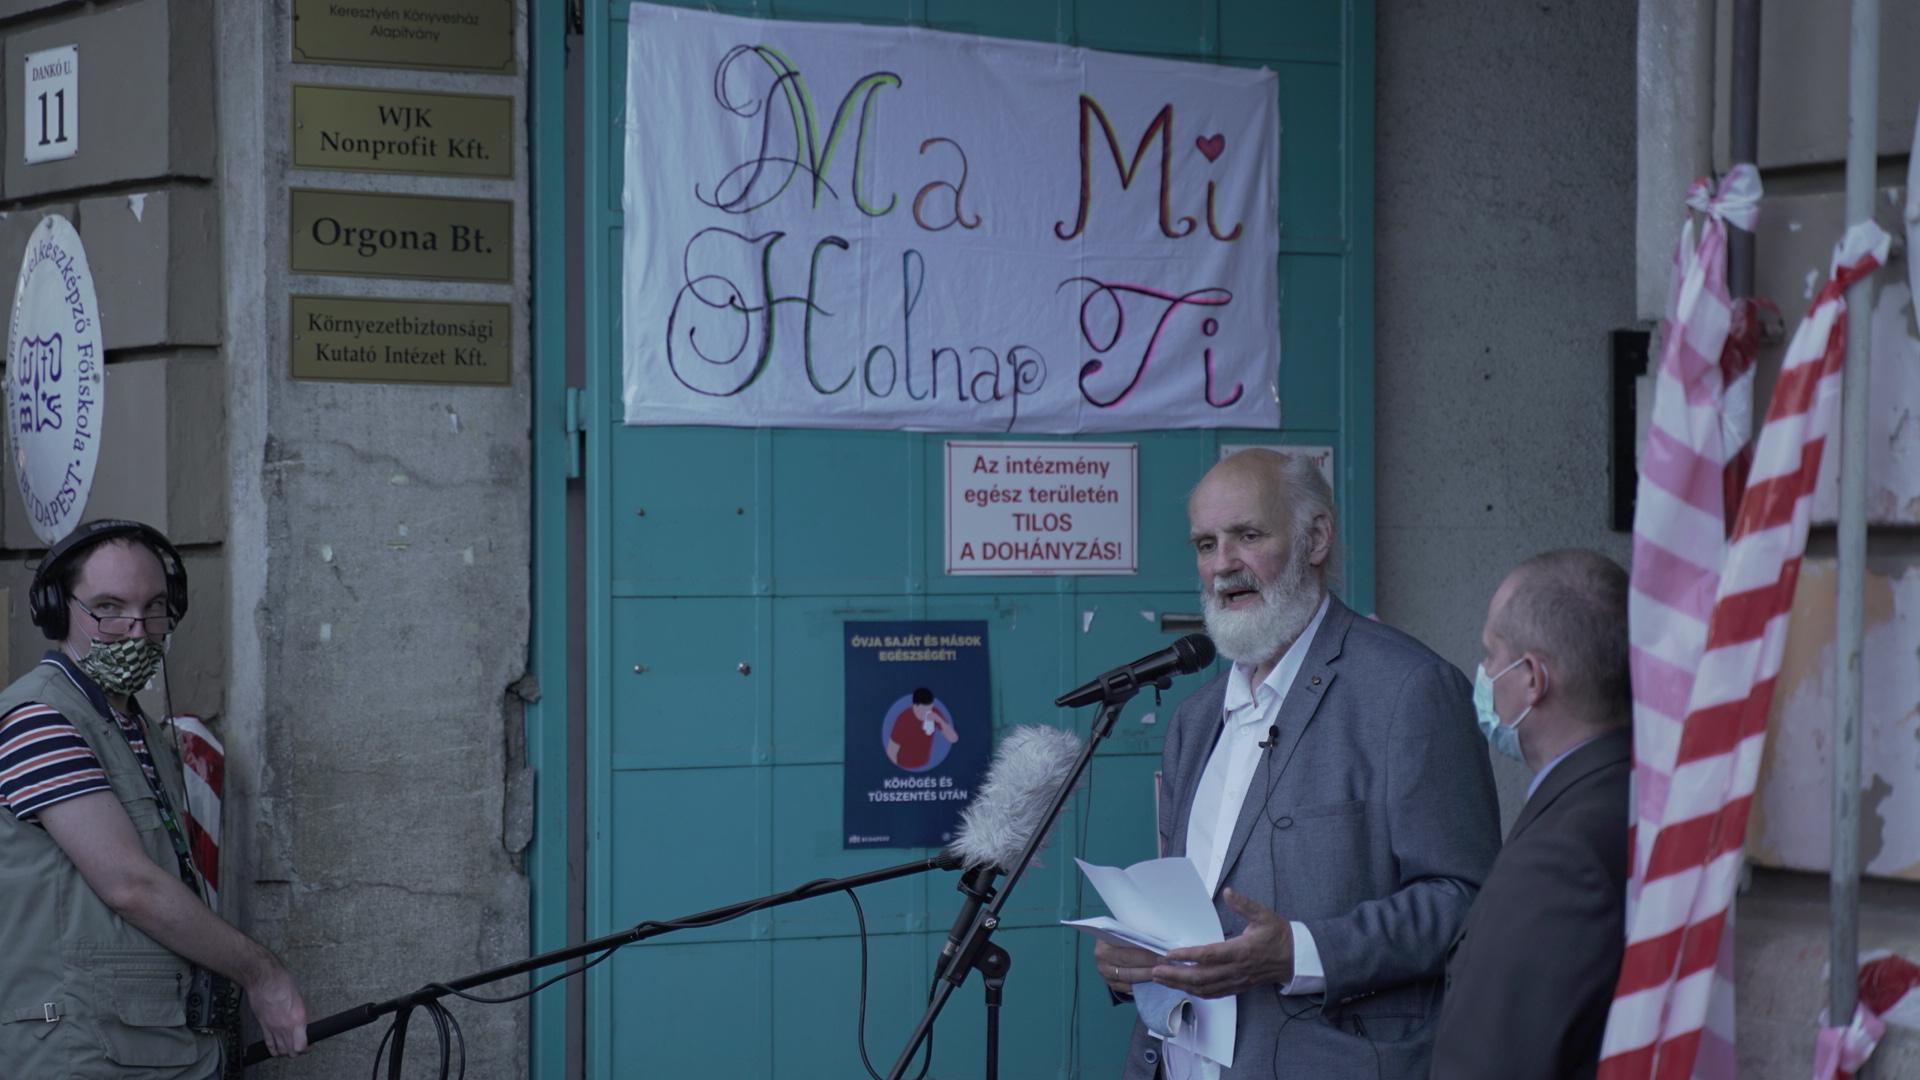 A IX. kerület polgármestere 1,5 millió forinttal támogatja Iványi Gábor egyesületét